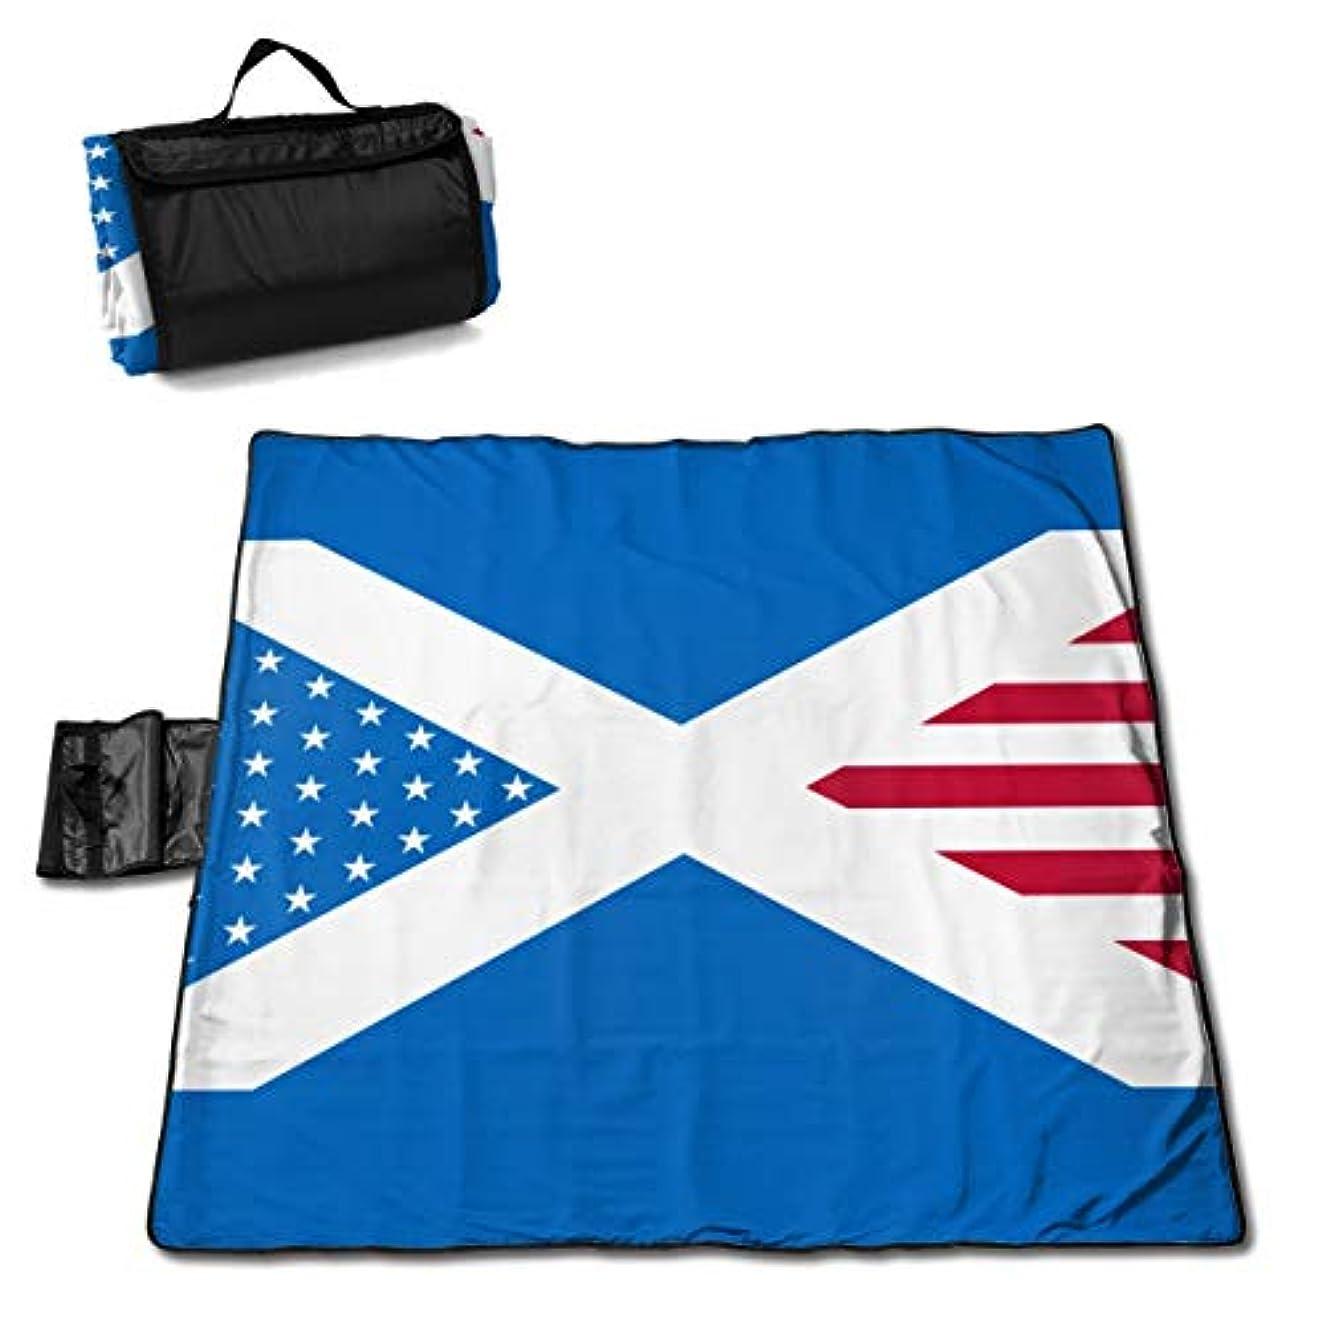 深くとまり木衝突コーススコットランドアメリカの国旗 ピクニックマット レジャーシート ファミリー レジャーマット 防水 防潮 マット 折り畳み 持ち運び便利 四季適用び おしゃれ花火大会 運動会 遠足 キャンプ 145×150cm